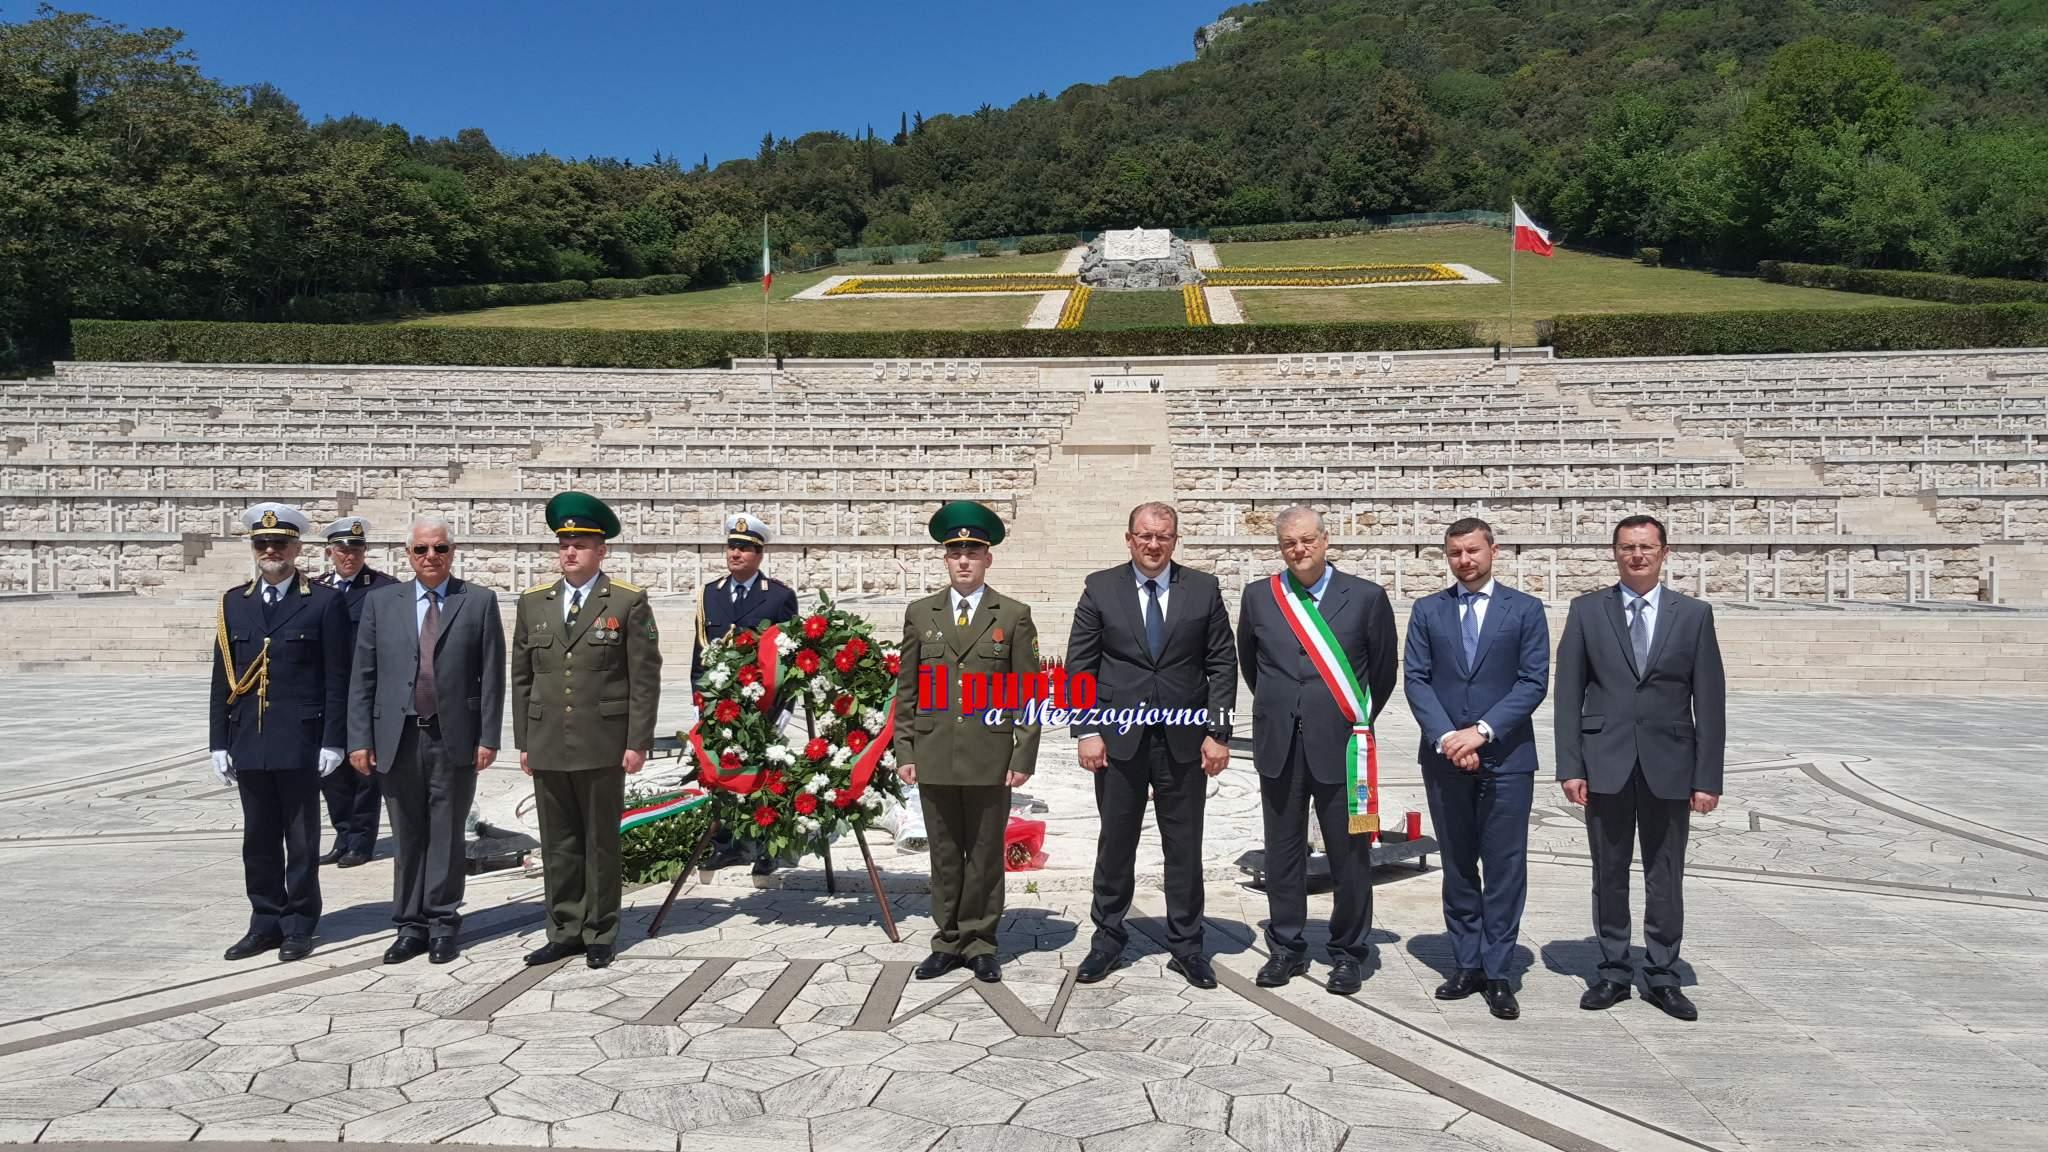 L'ambasciatore della Bielorussia in visita a Cassino incontro con il sindaco D'Alessandro